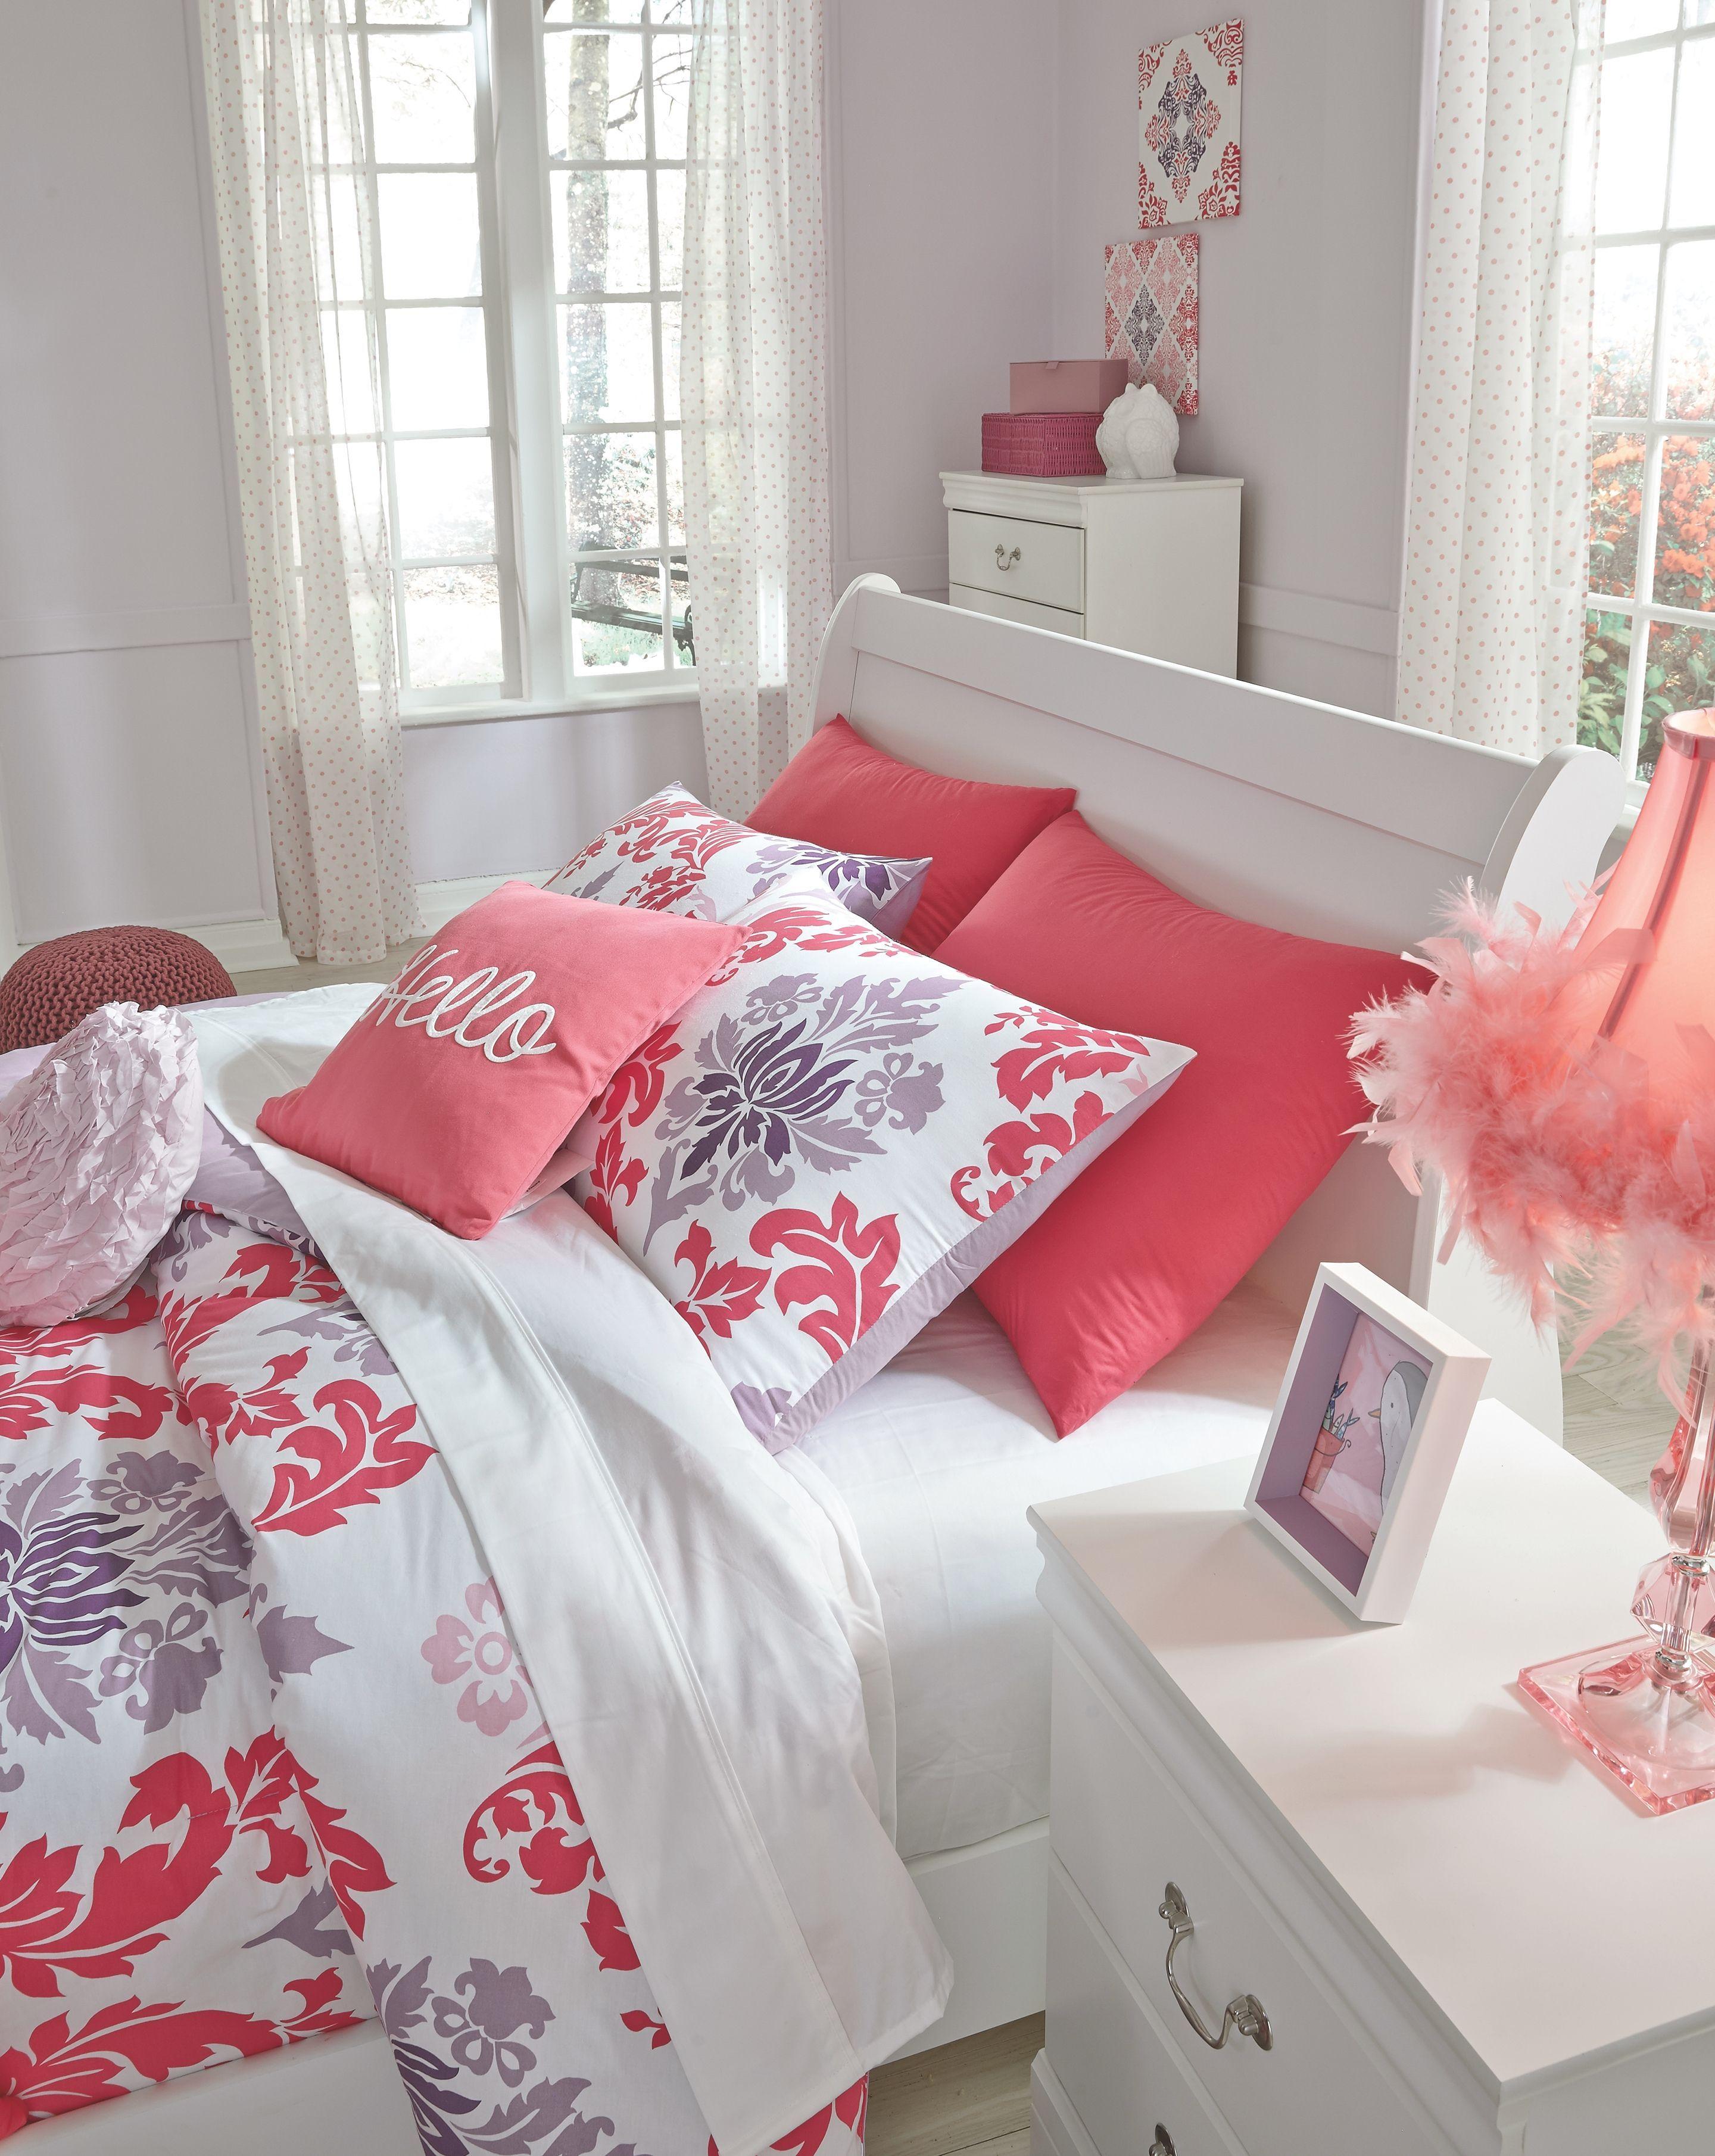 Best Anarasia Full Sleigh Headboard White Bedroom Decoration Cheap In 2019 Bedroom Decor White 400 x 300